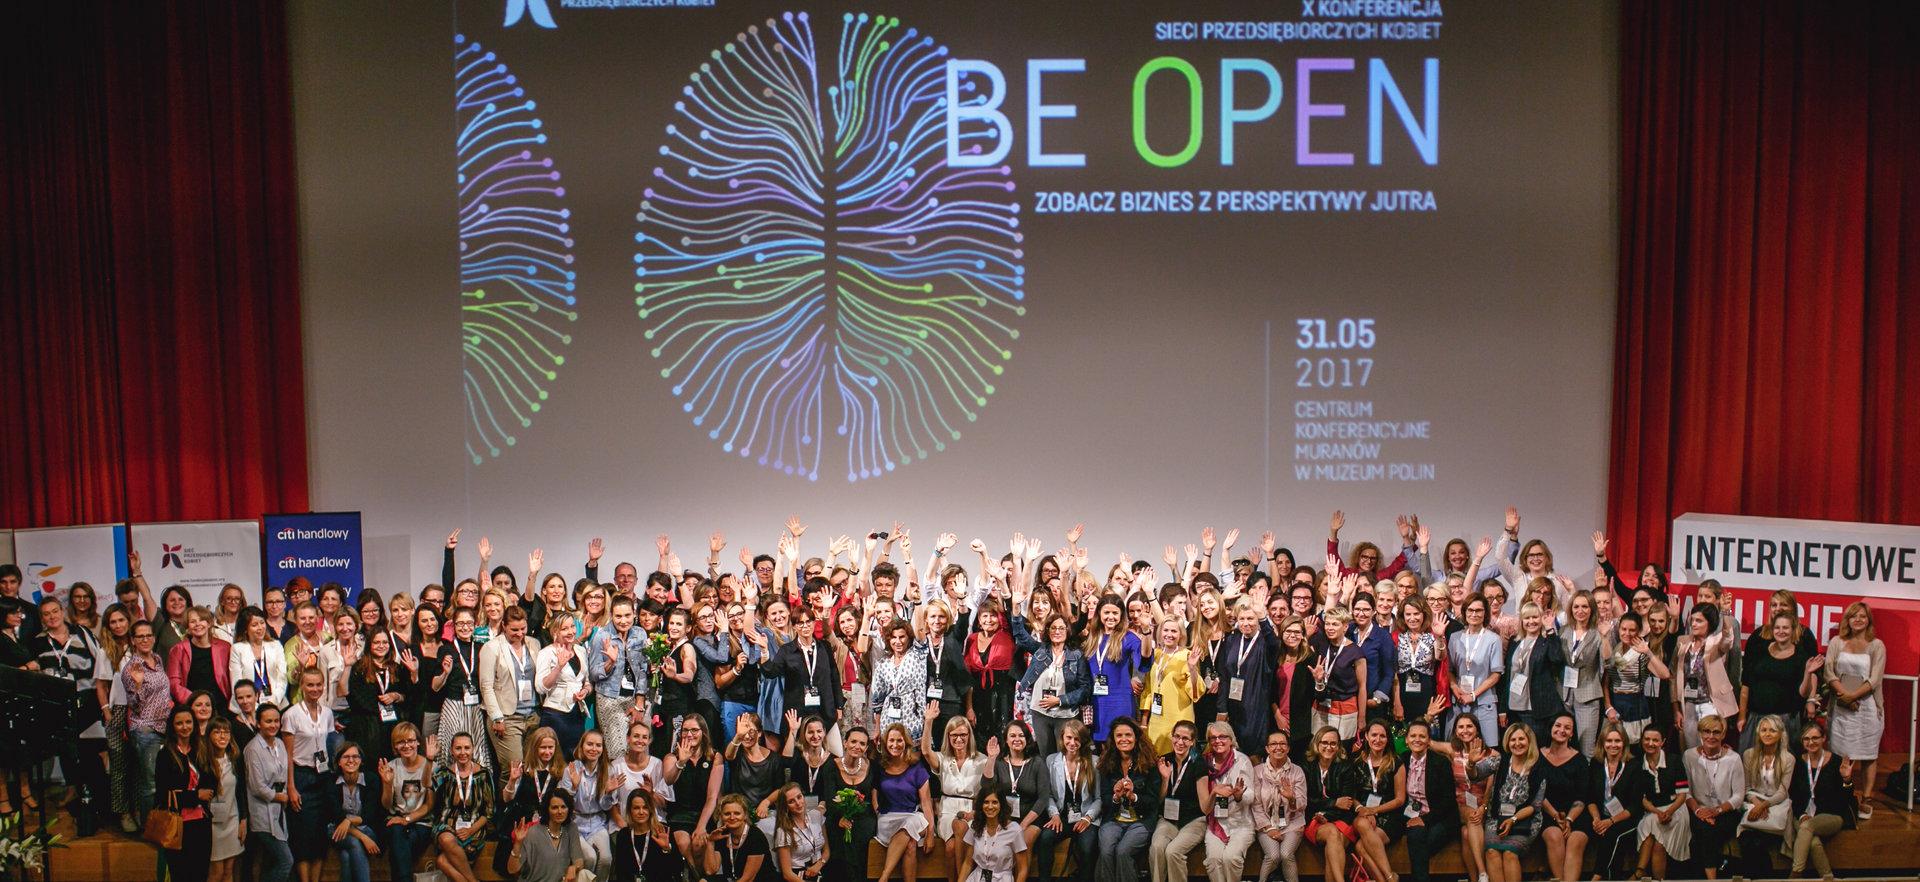 BE OPEN…Zobacz biznes z perspektywy jutra! Wyzwanie na miarę umysłu!